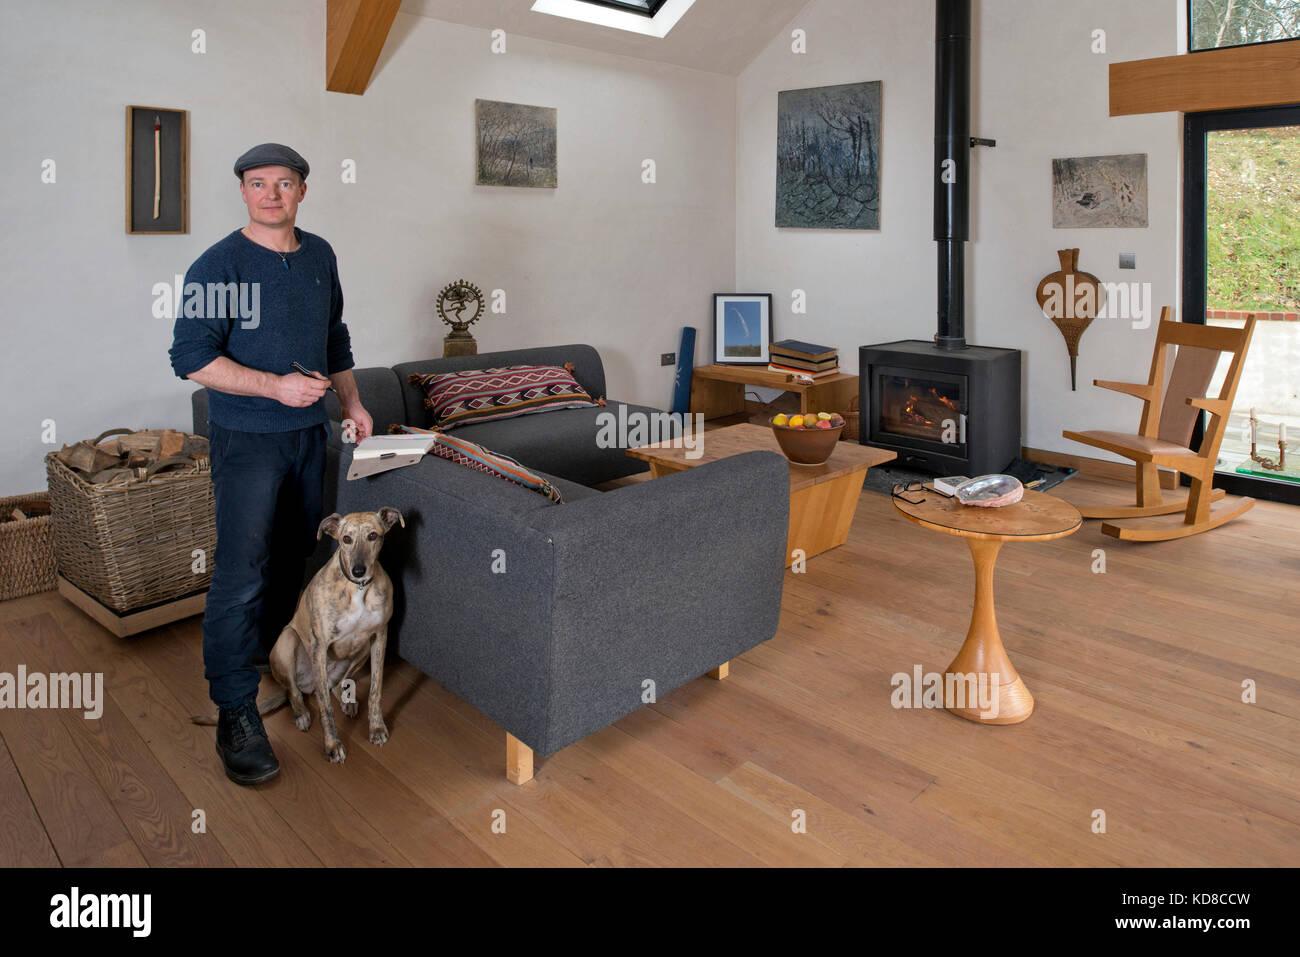 Superbe Furniture Maker James Verner At His Home In Dorset.   Stock Image